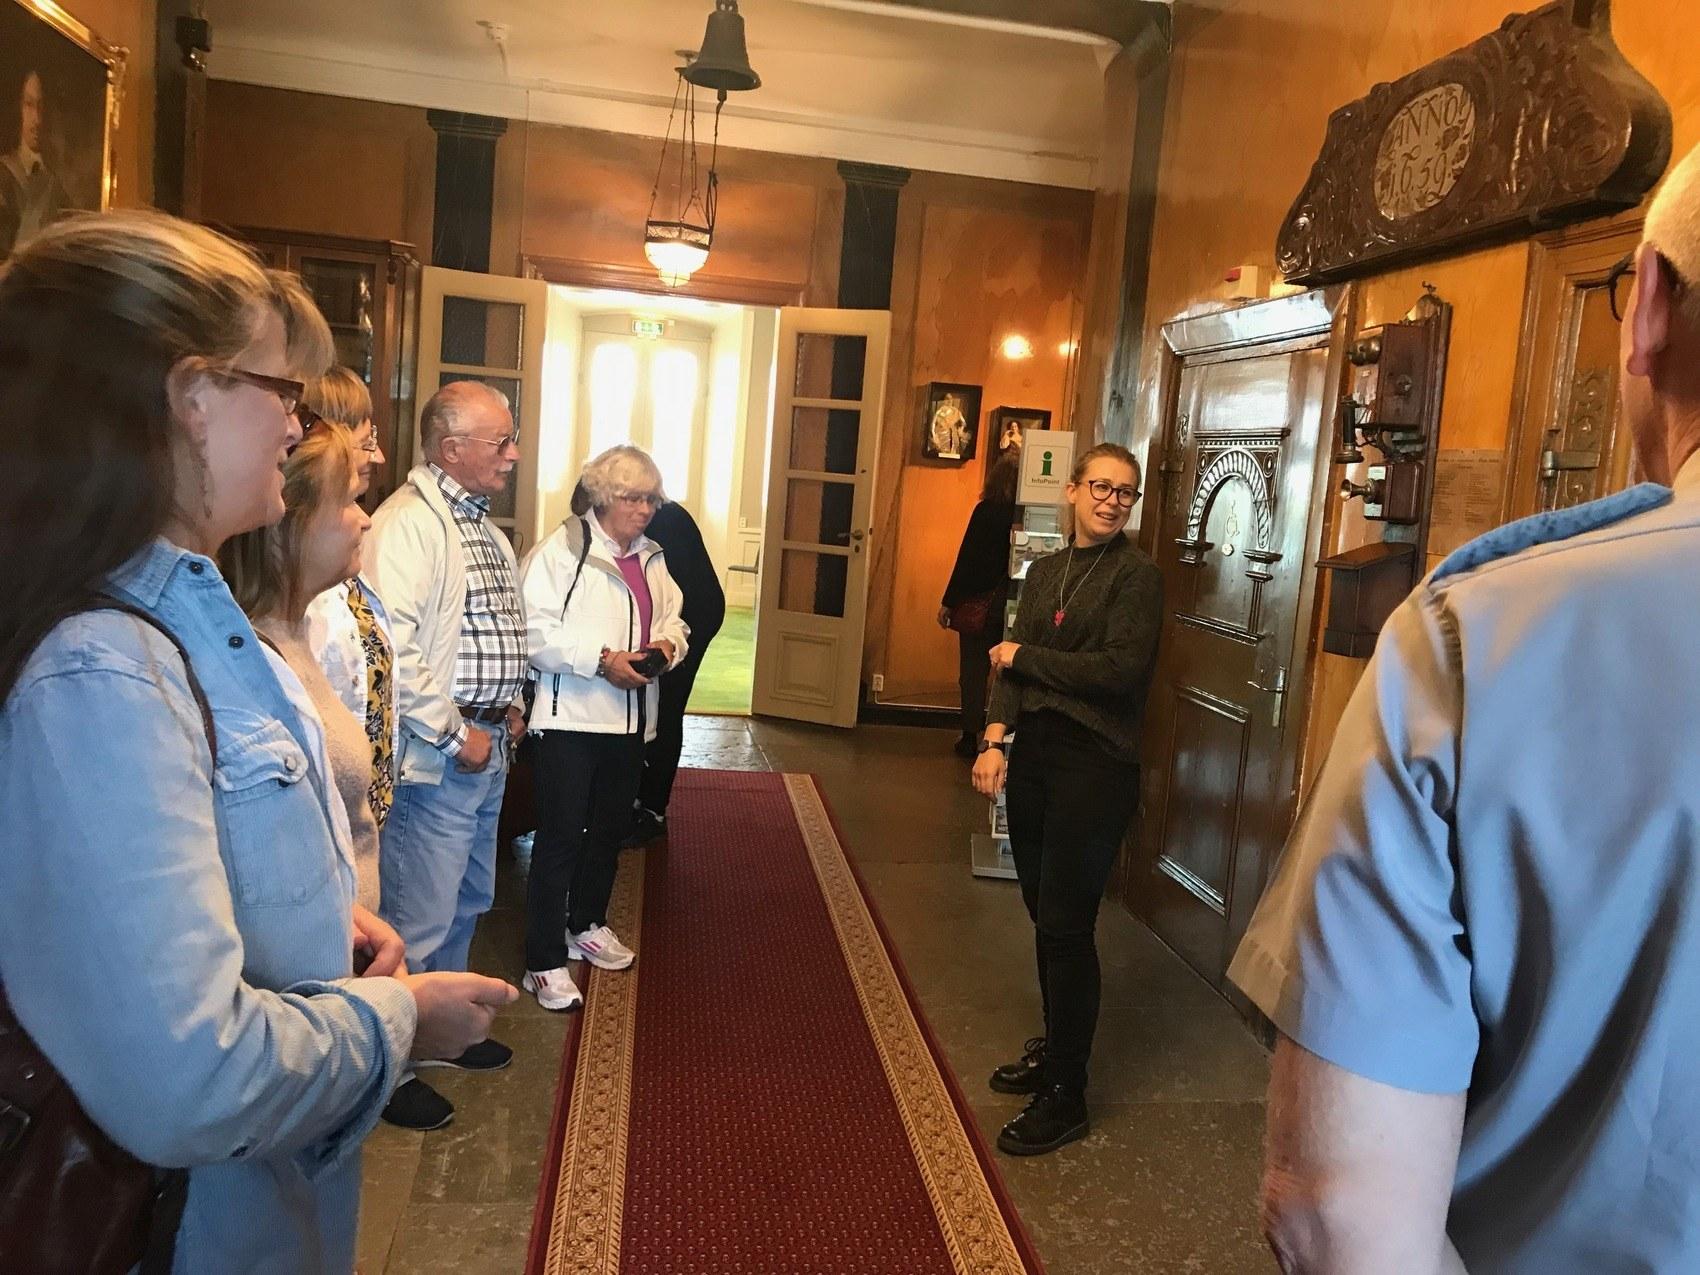 Guide pratar inför åskådare i hall